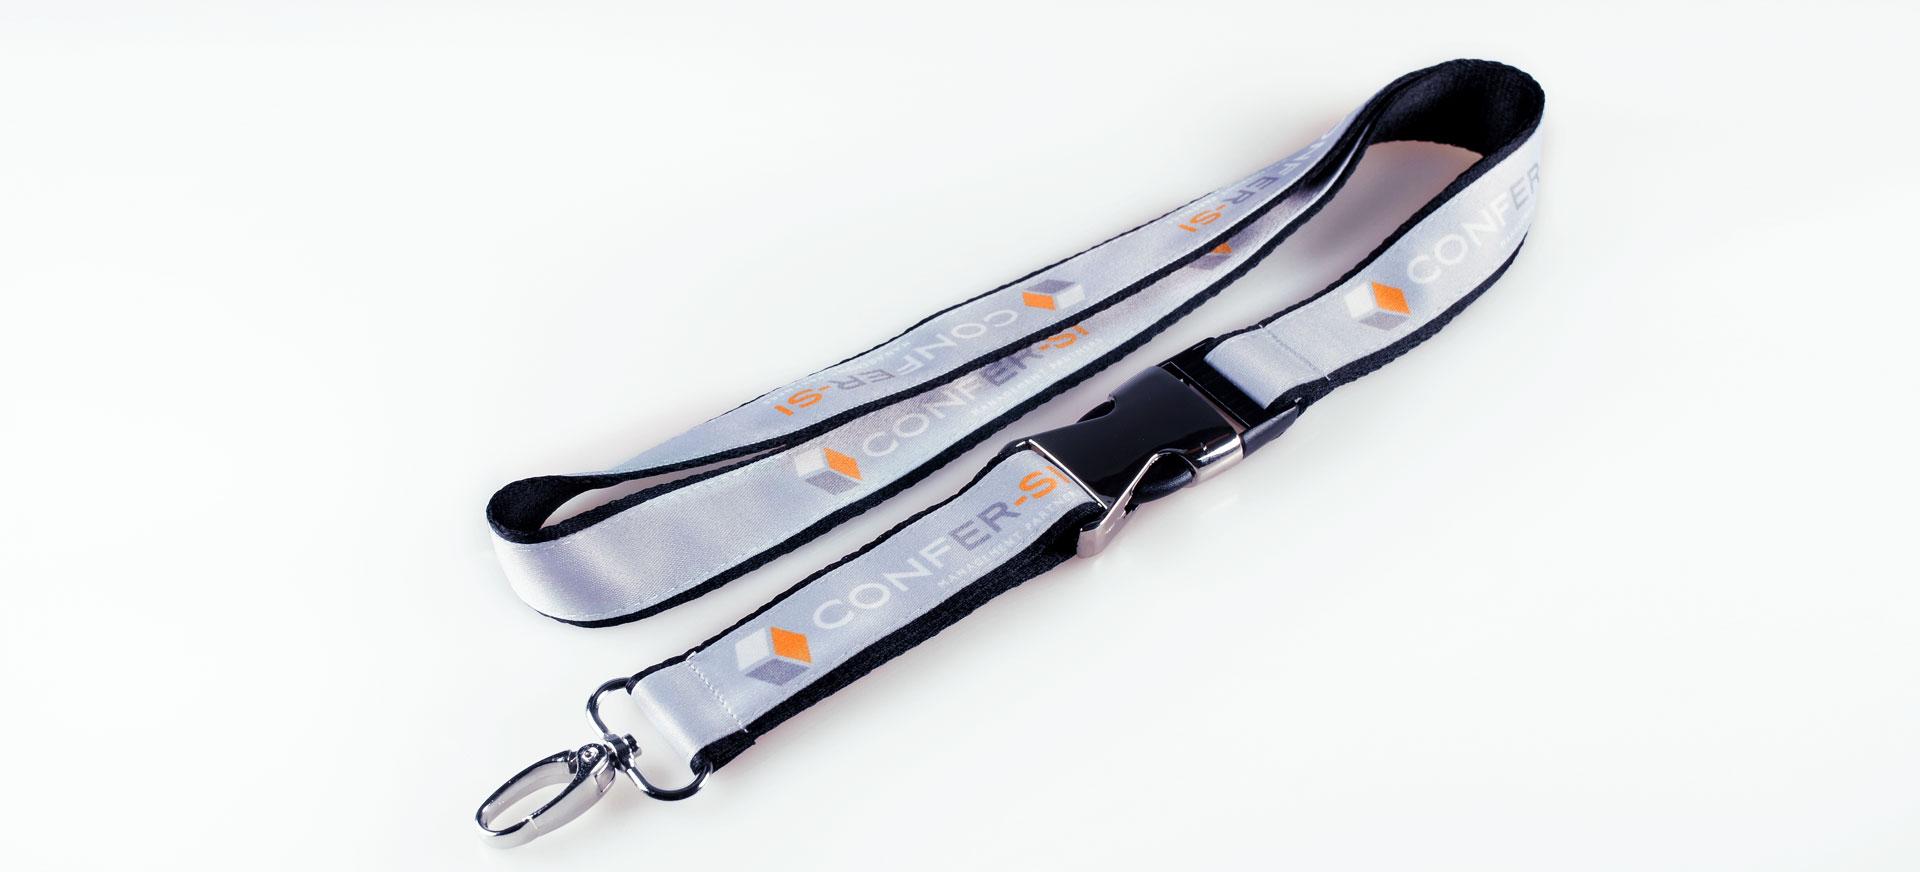 Lanyard Bedrucken Schluesselband Doppelt Logo Metall Verschluss Glanz Filz Alternative Bunt Bedruckt Guenstig Kaufen 20mm Satinband Grau